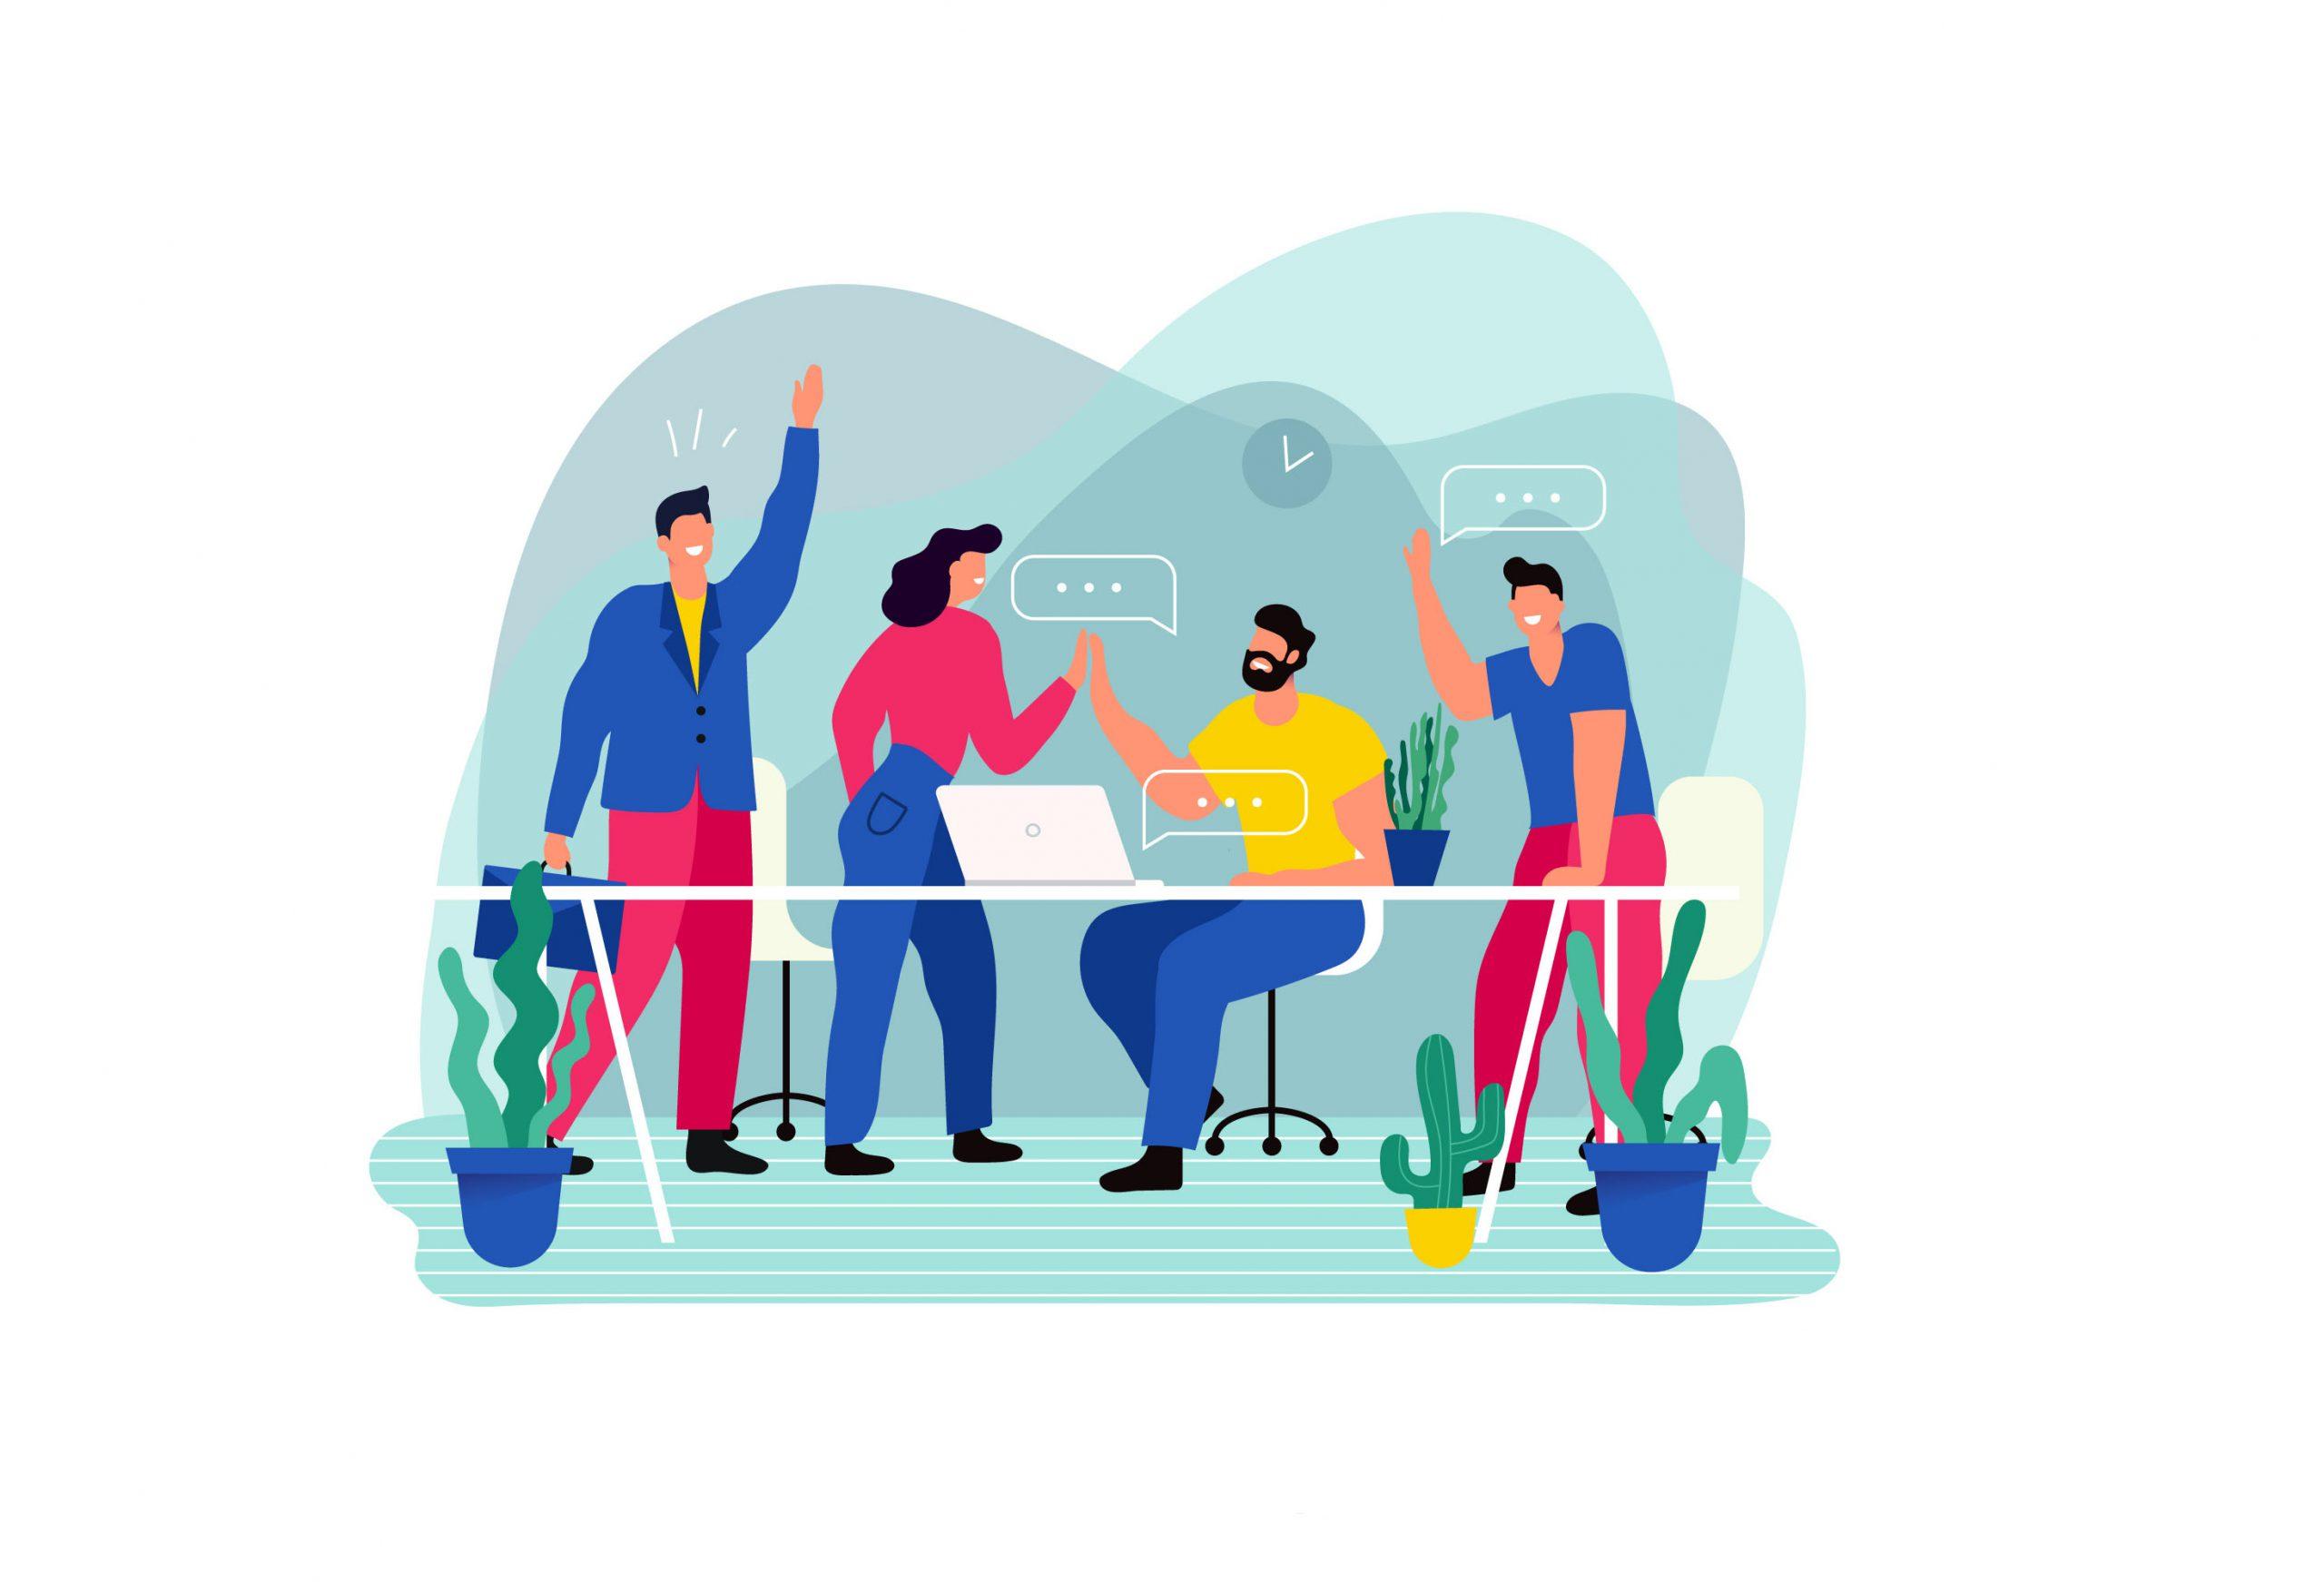 Purpose built corporate culture at meetingmax